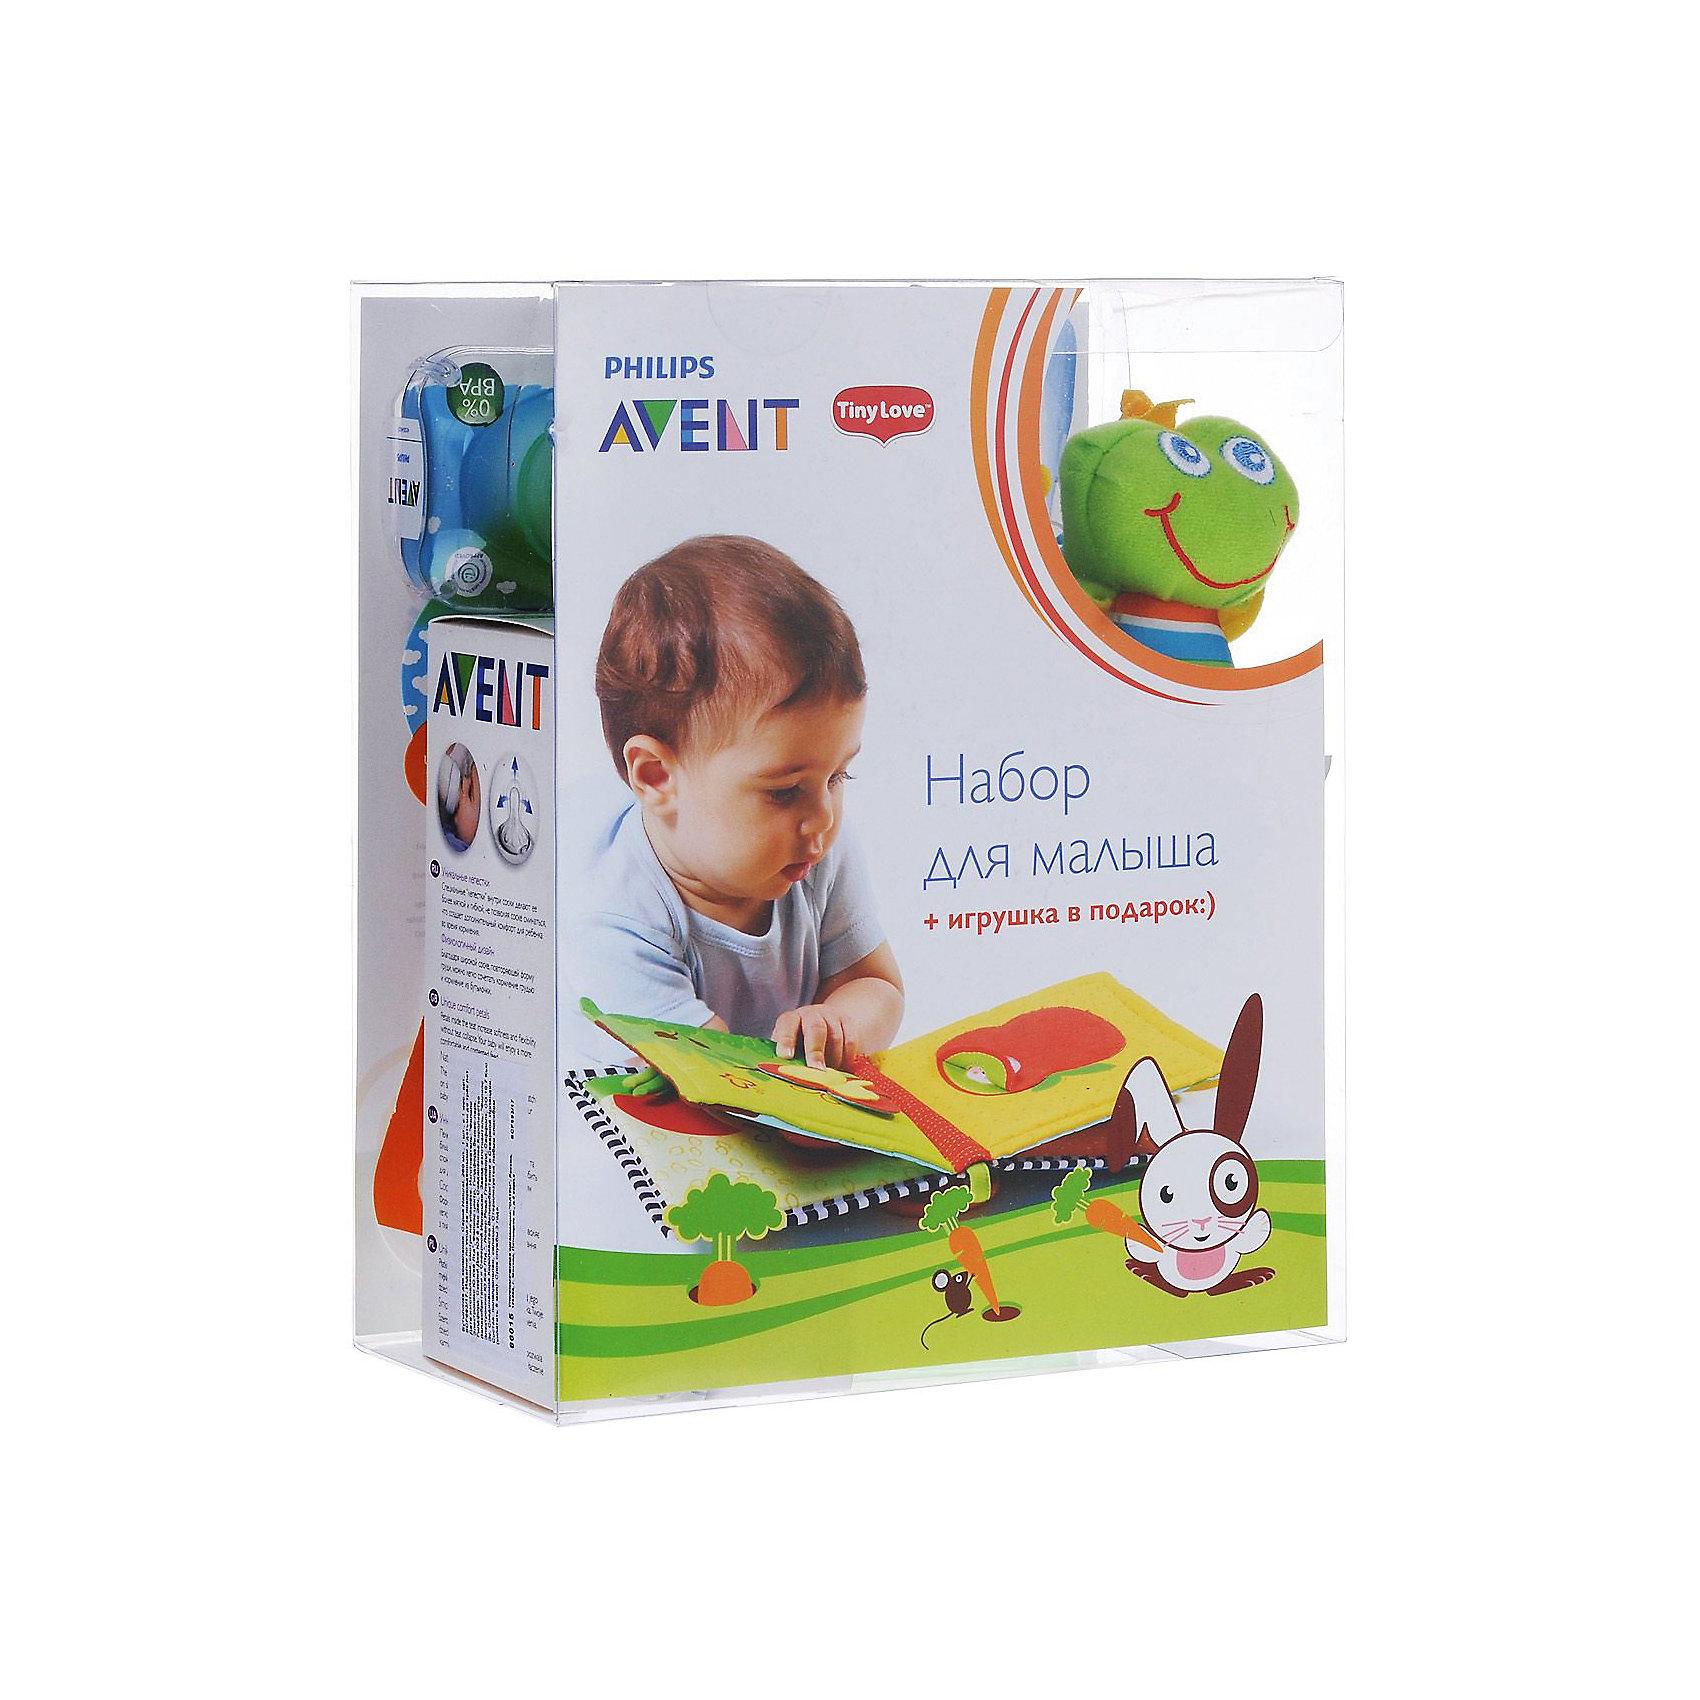 Набор для малыша с игрушкой, AVENT, зелёный от myToys